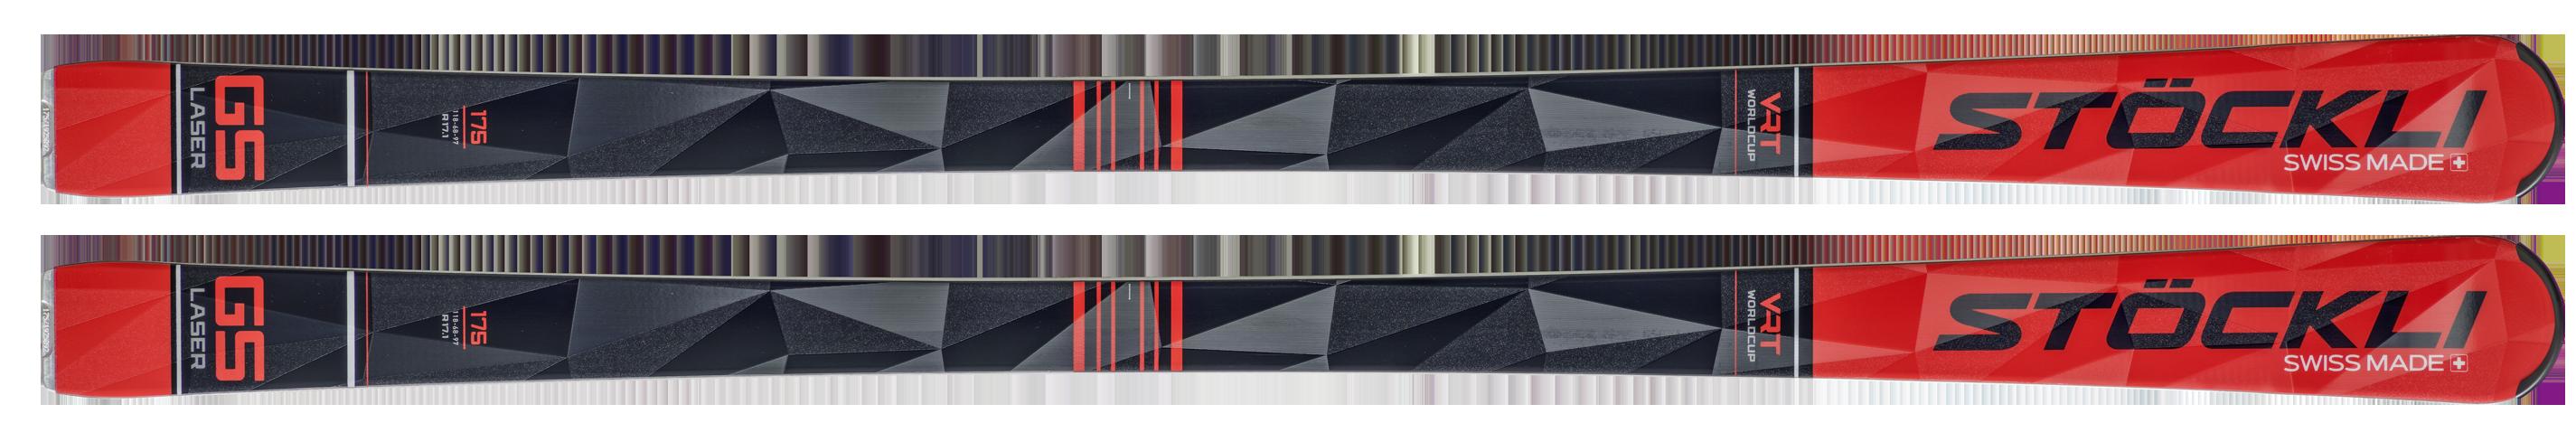 Stöckli Laser GS - Sport Nenner/Skibuy.at